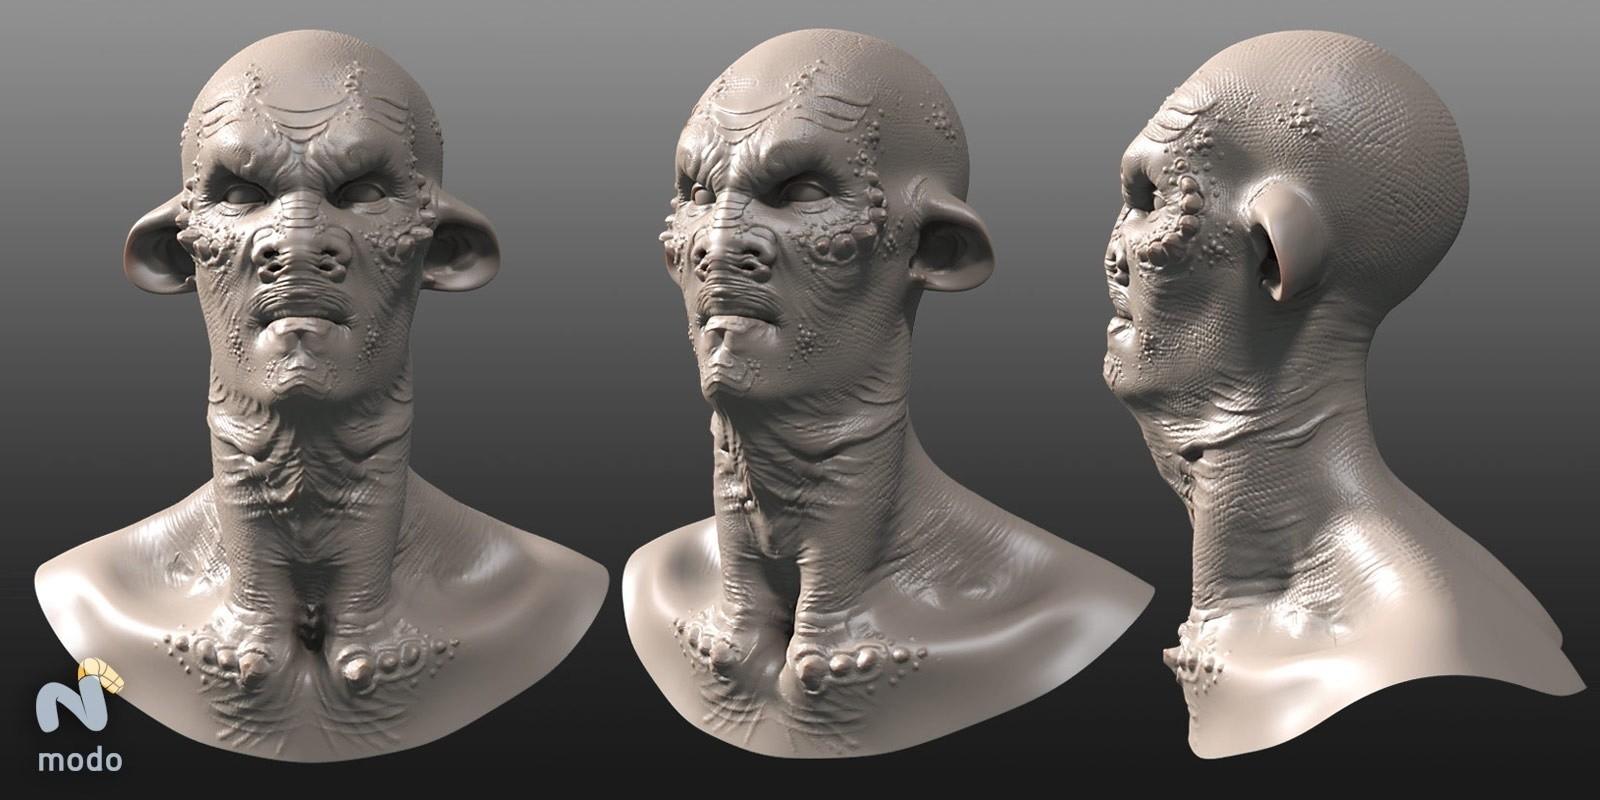 Zoltan korcsok creature portrait sculpt